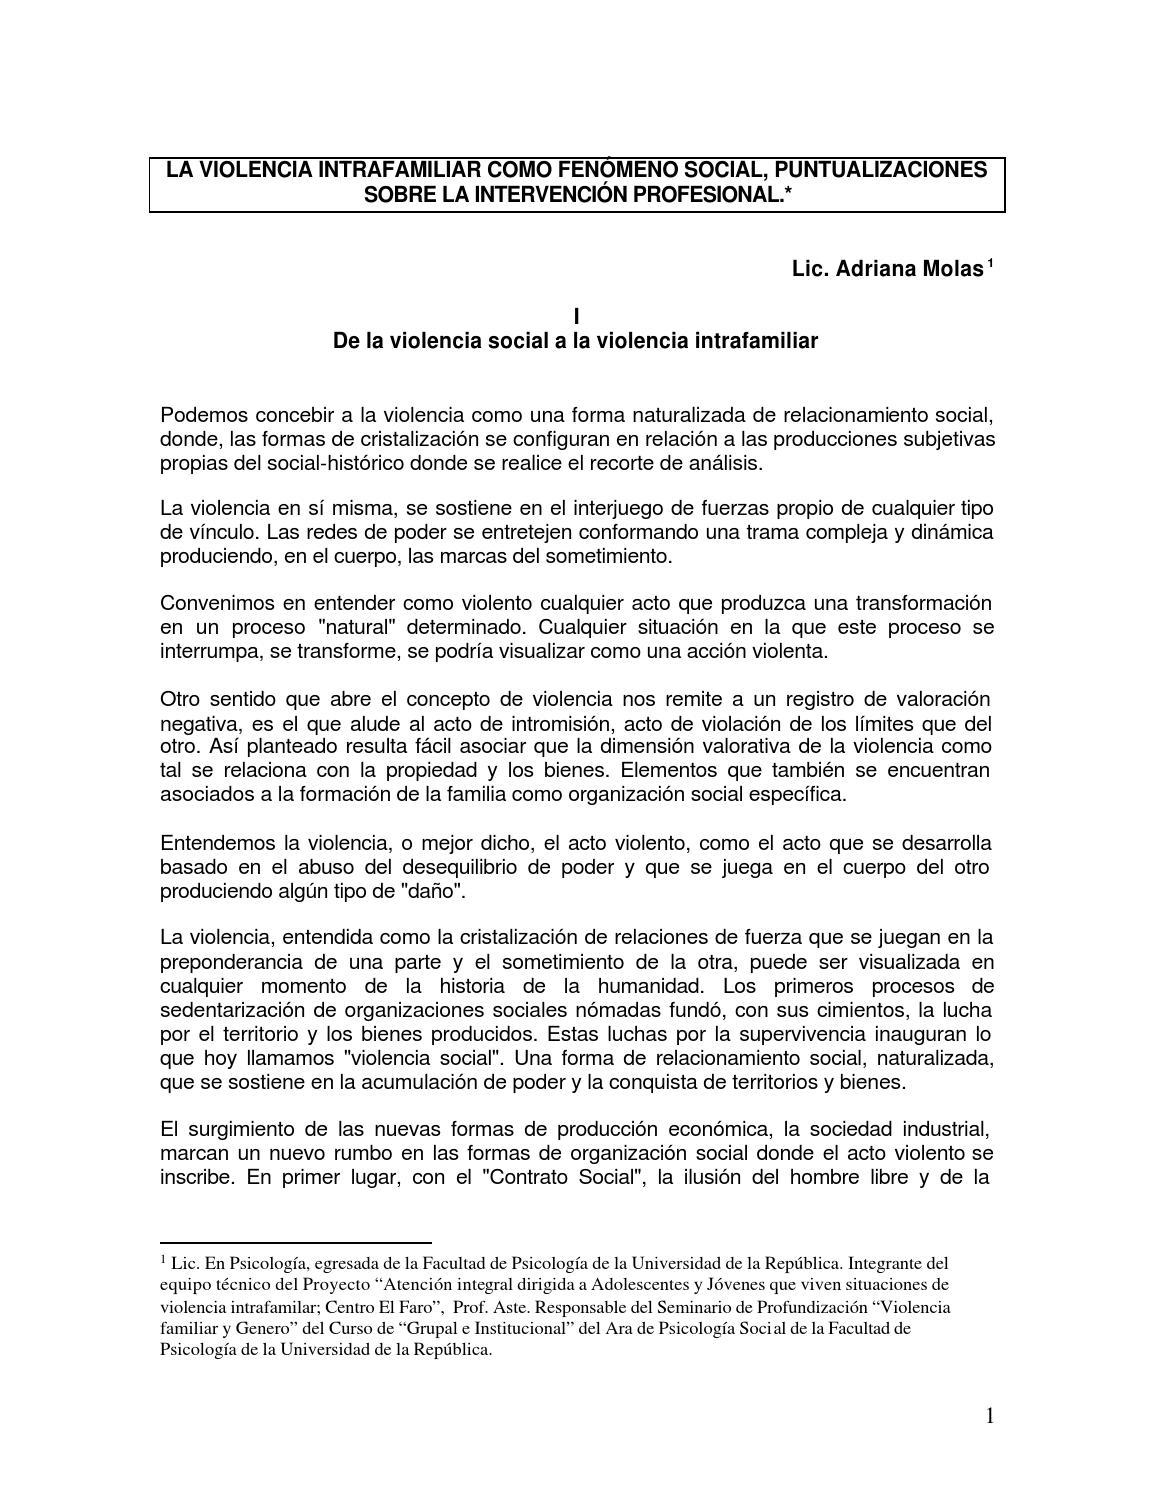 Violencia intafamiliar problematico by Milton Jesus Nieto Chavez - issuu